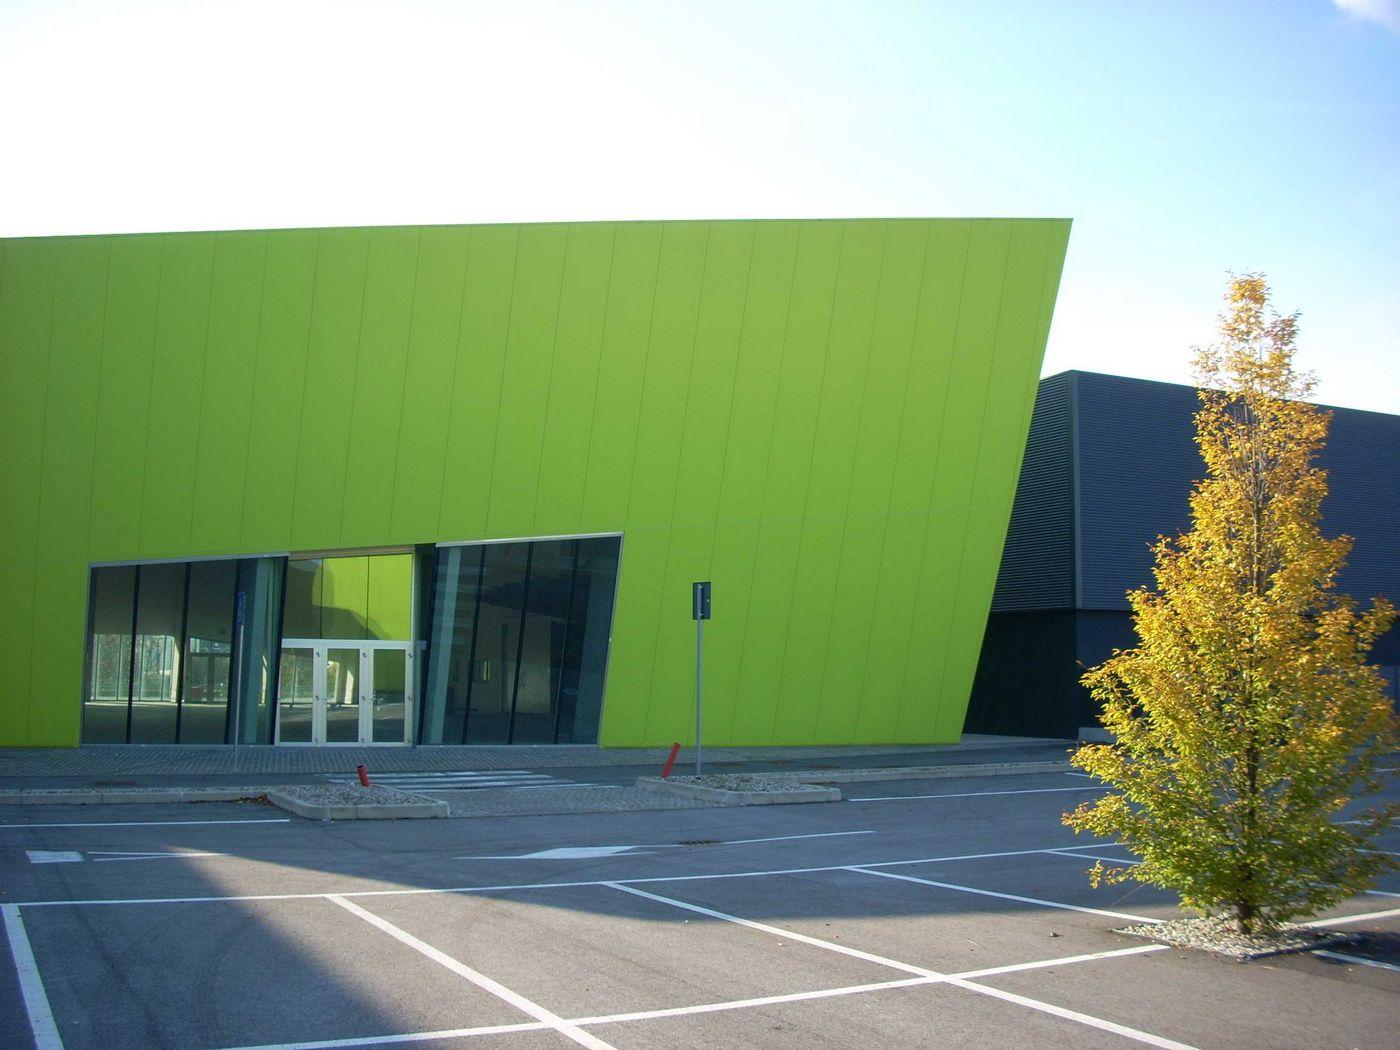 Centro Commerciale Roncade Treviso Fondi Commerciali